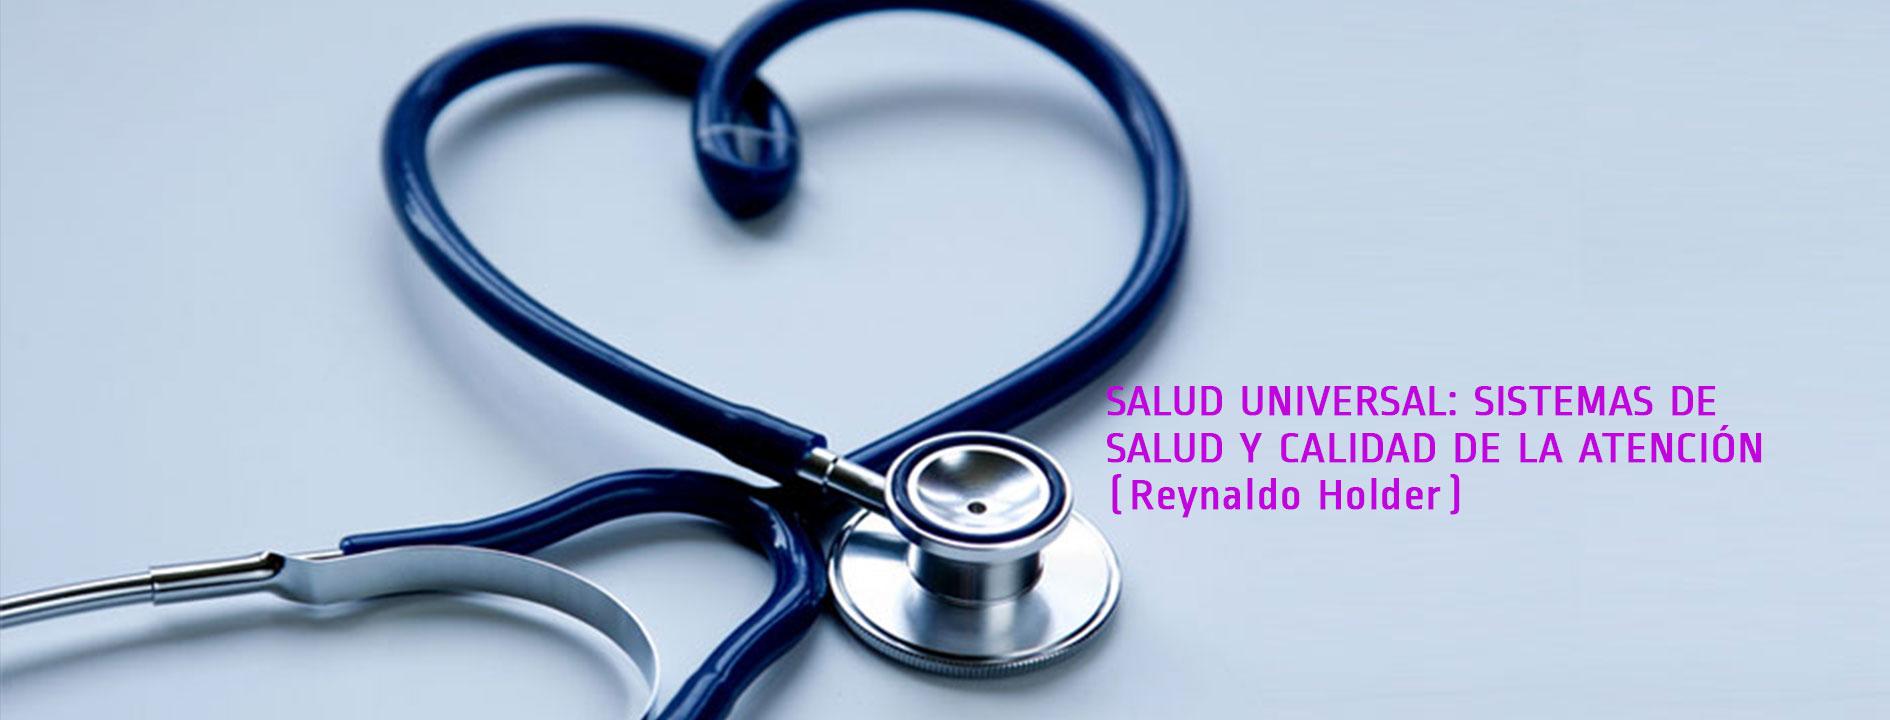 SALUD-UNIVERSAL-SISTEMAS-DE-SALUD-Y-CALIDAD-DE-LA-ATENCIÓN_-Reynaldo-Holder